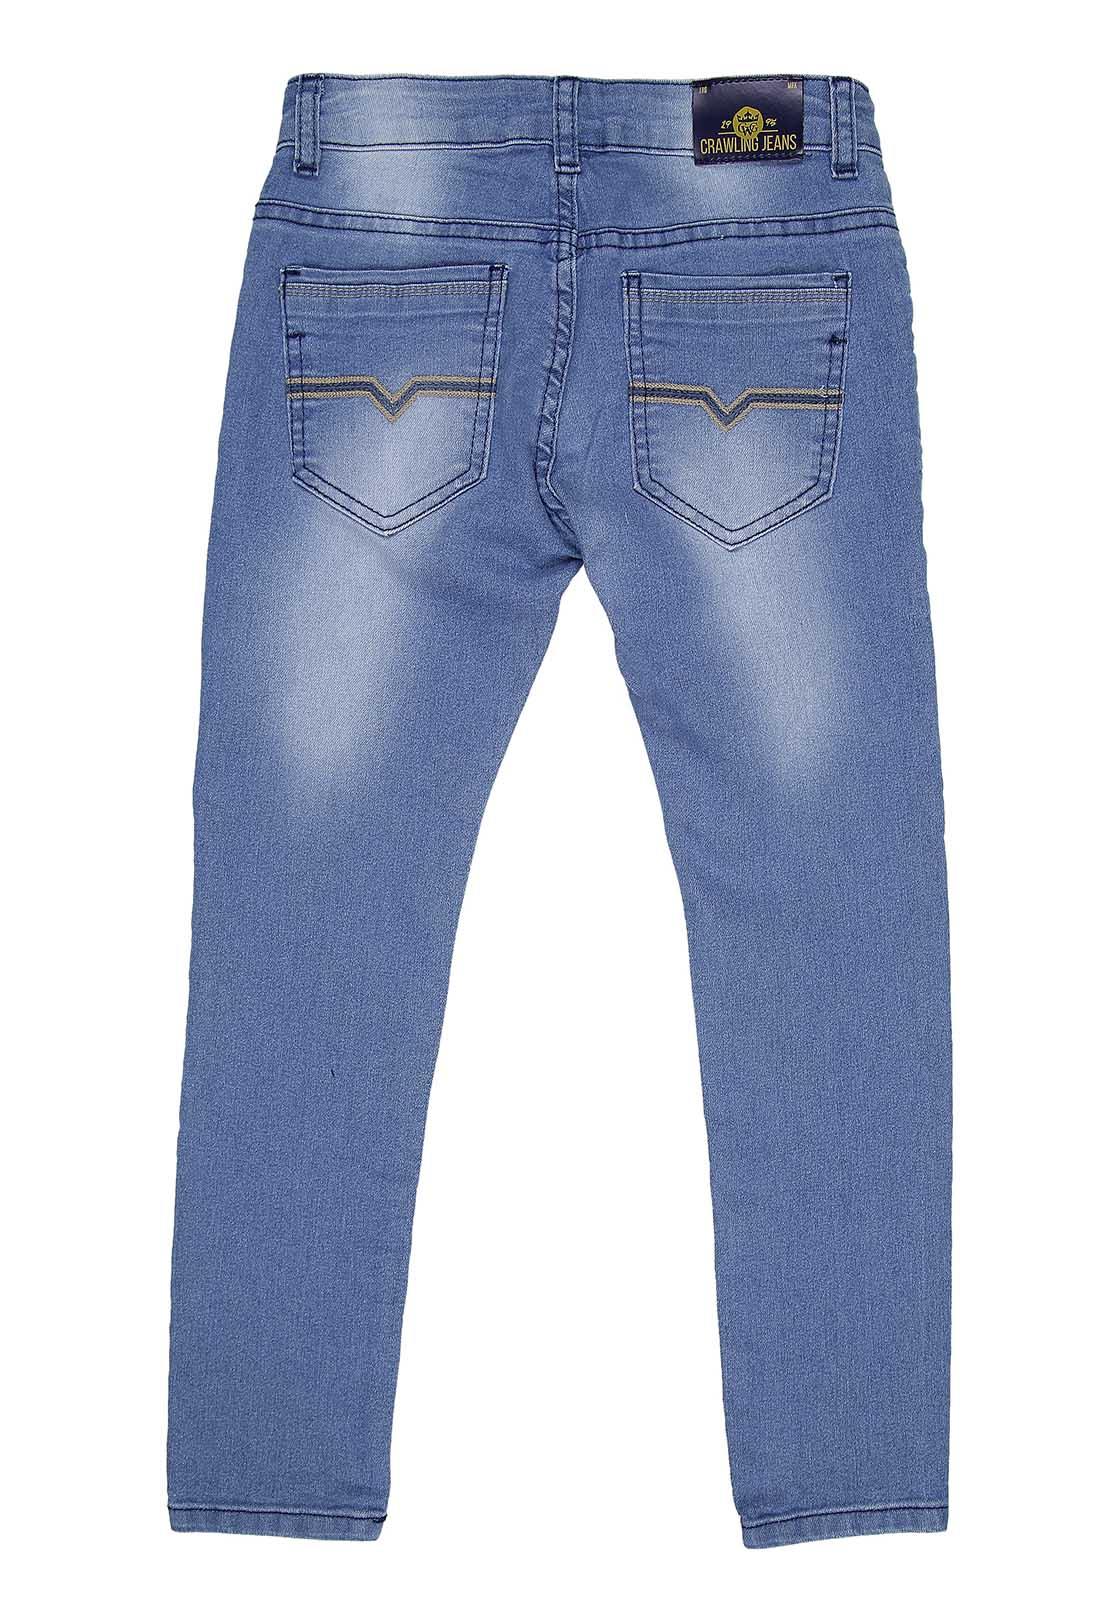 Calça Skinny Crawling Masculina Jeans